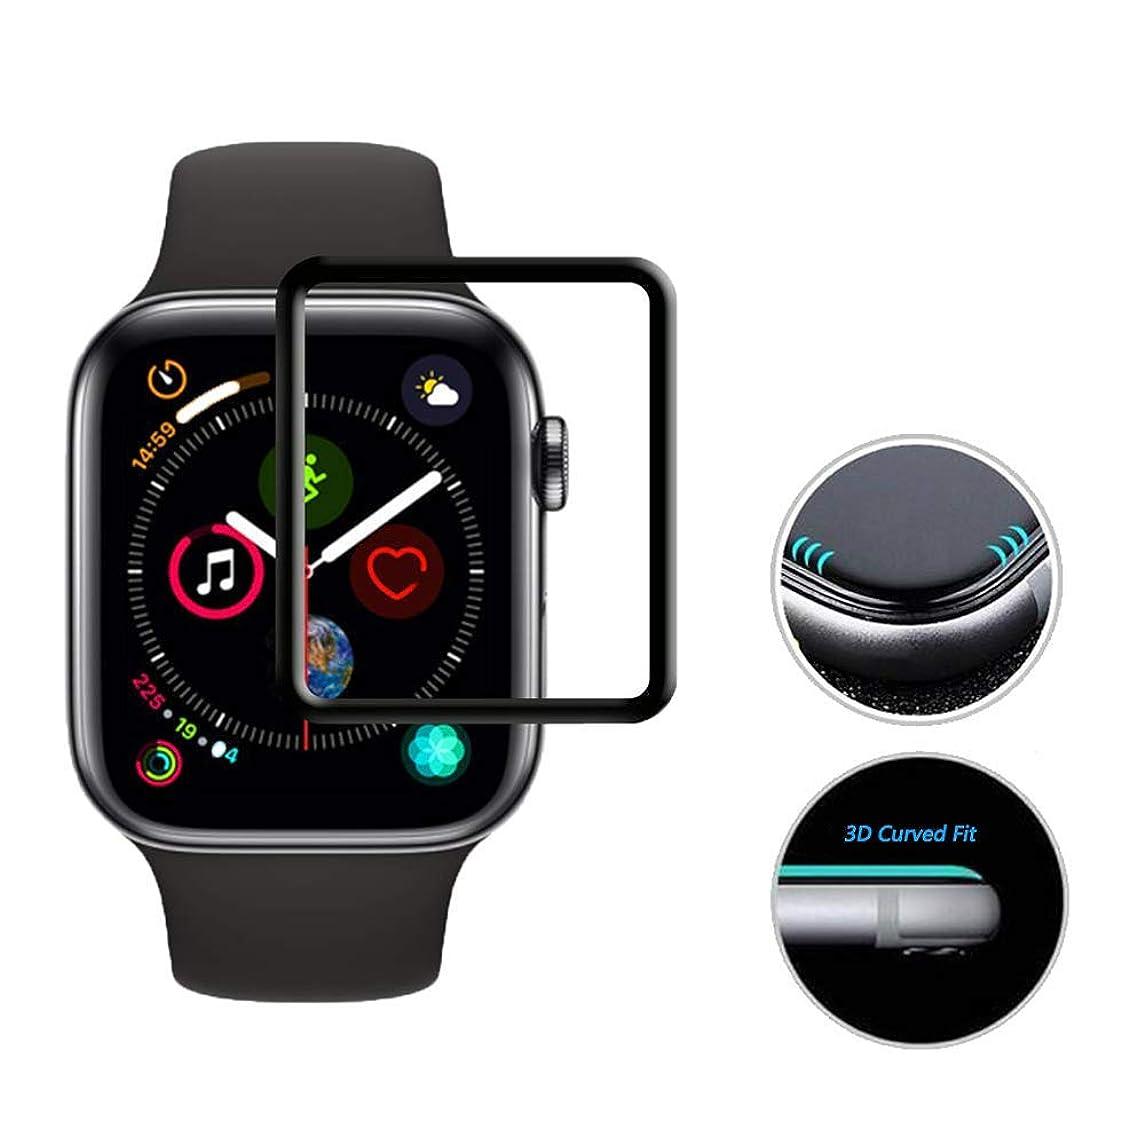 広範囲未使用精査LASTE Apple Watch Series4 40mm フィルム【2枚セット】9H硬度3Dの液晶保護フィルム 0.3mm超薄型 日本製ガラス素材採用 耐指紋 撥油性 高透過率 Apple Watch Series4 40mm対応 (Apple Watch Series4 40mm ガラスフィルム)